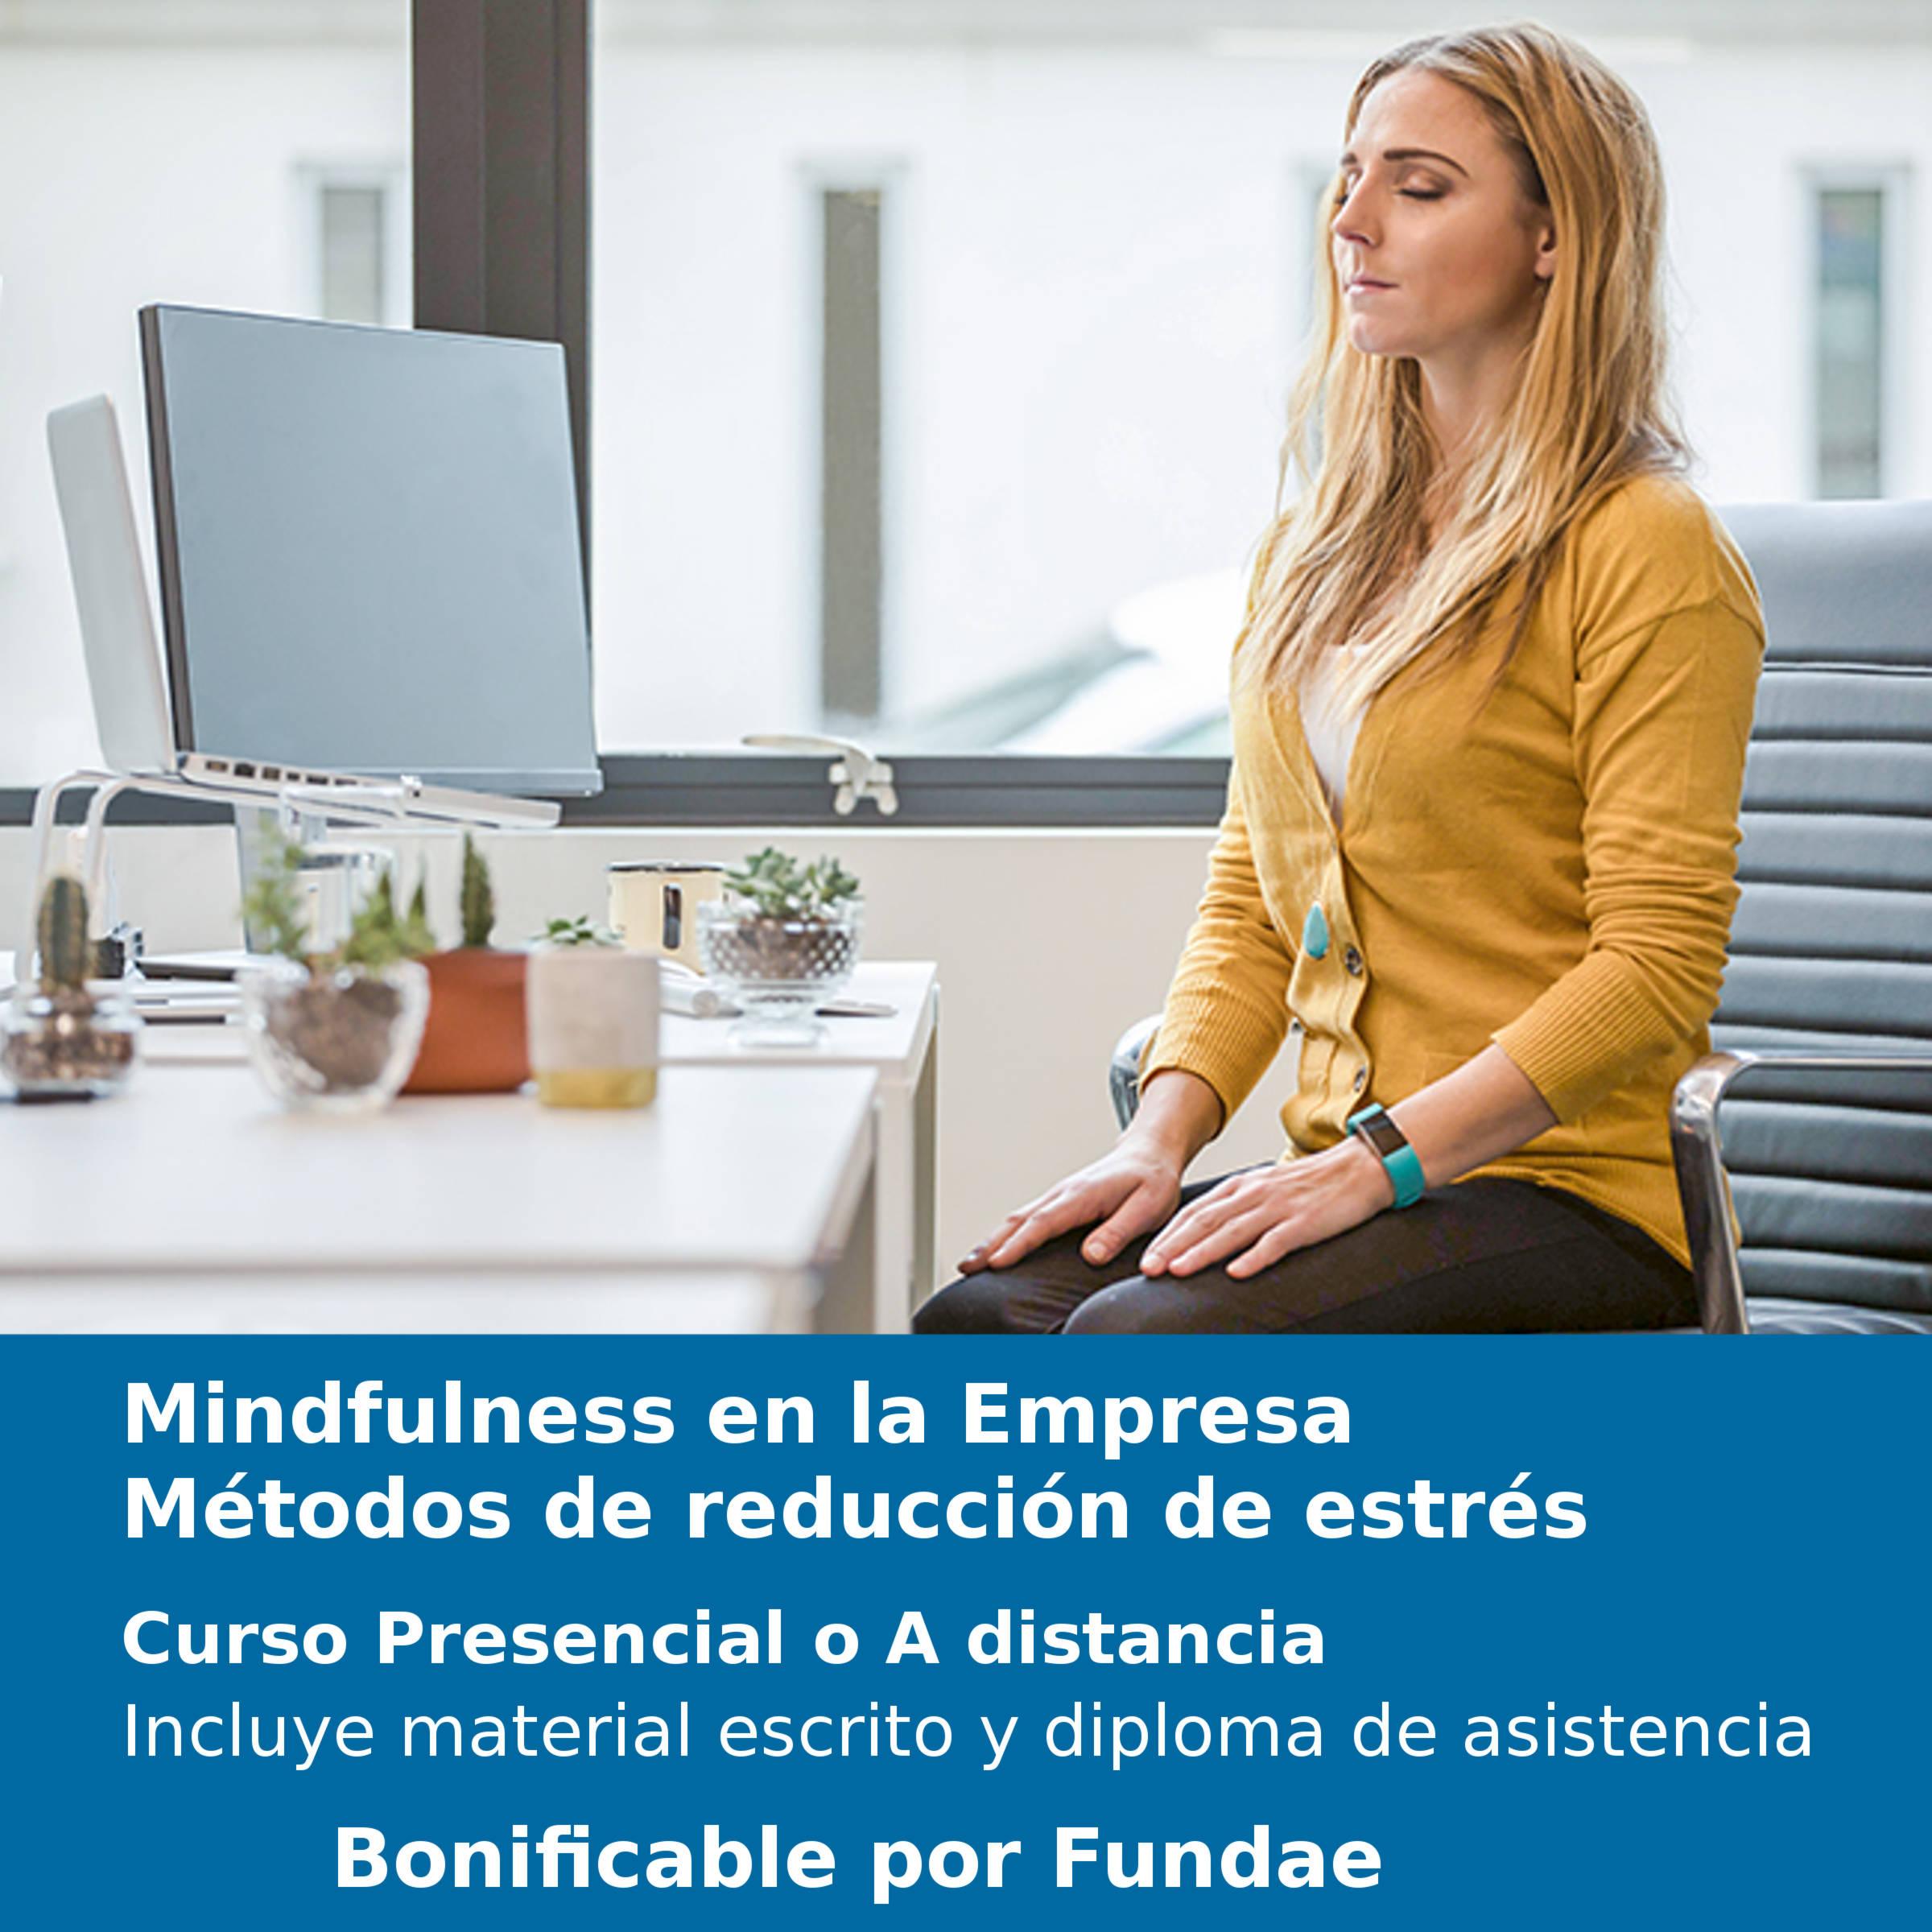 Mindfulness en la Empresa. Métodos de reducción de estrés.